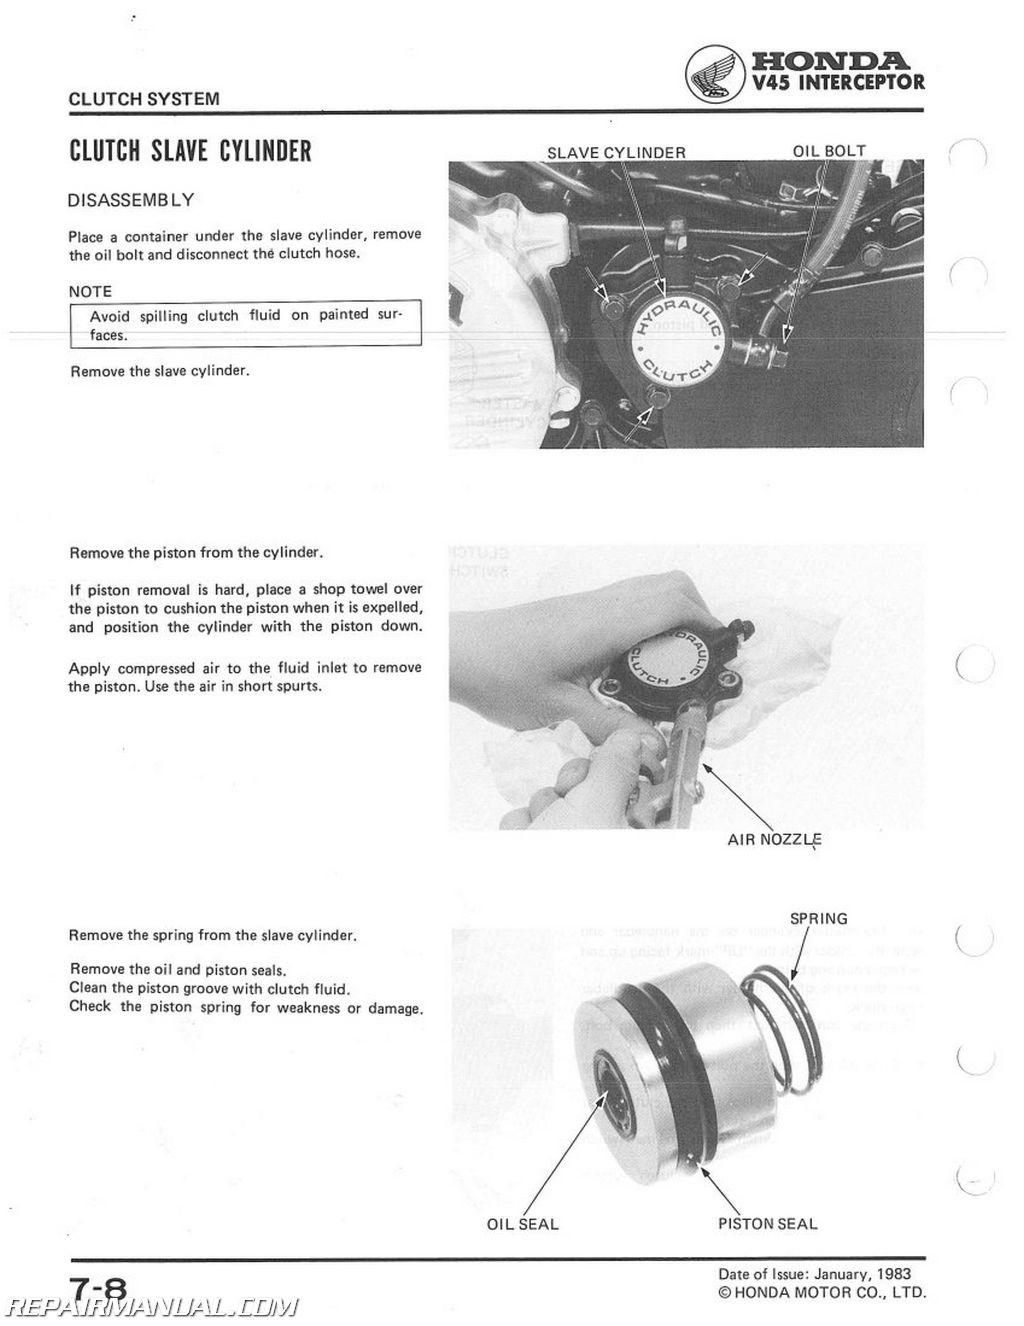 Wiring Diagrams Honda Vf Diagram Libraries 85 Kawasaki Ninja Schematic Vf750 Librarywiring 15